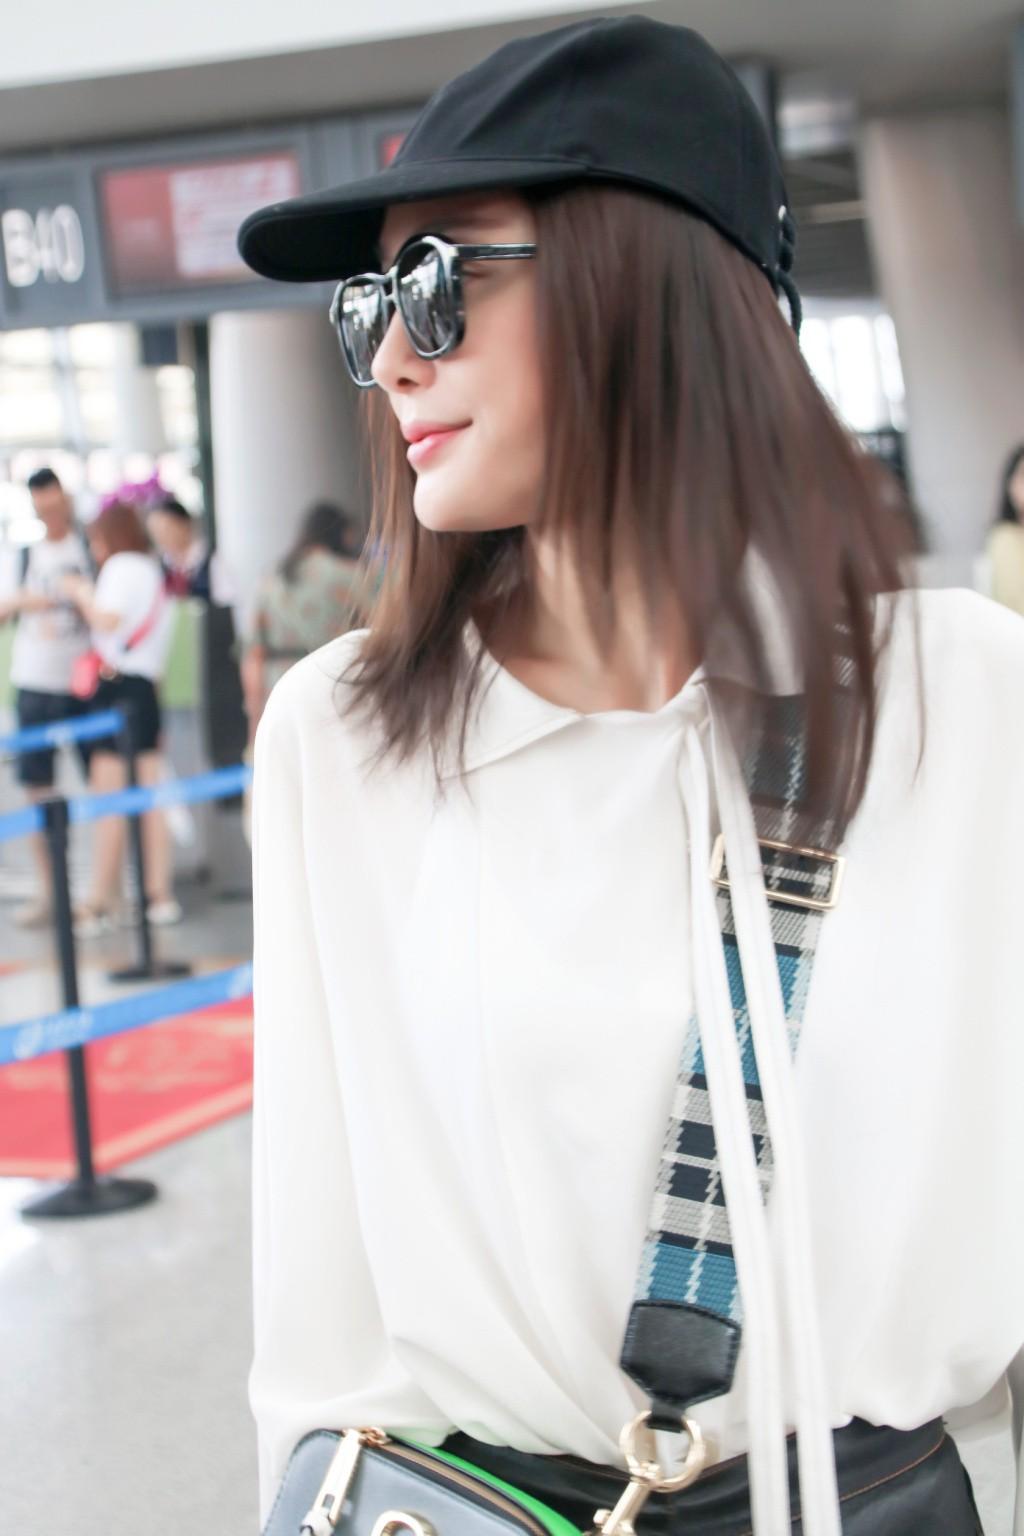 Xuất hiện ở sân bay, Hoàng hậu Tần Lam bị soi nhan sắc đời thường không lung linh như phim - Ảnh 5.